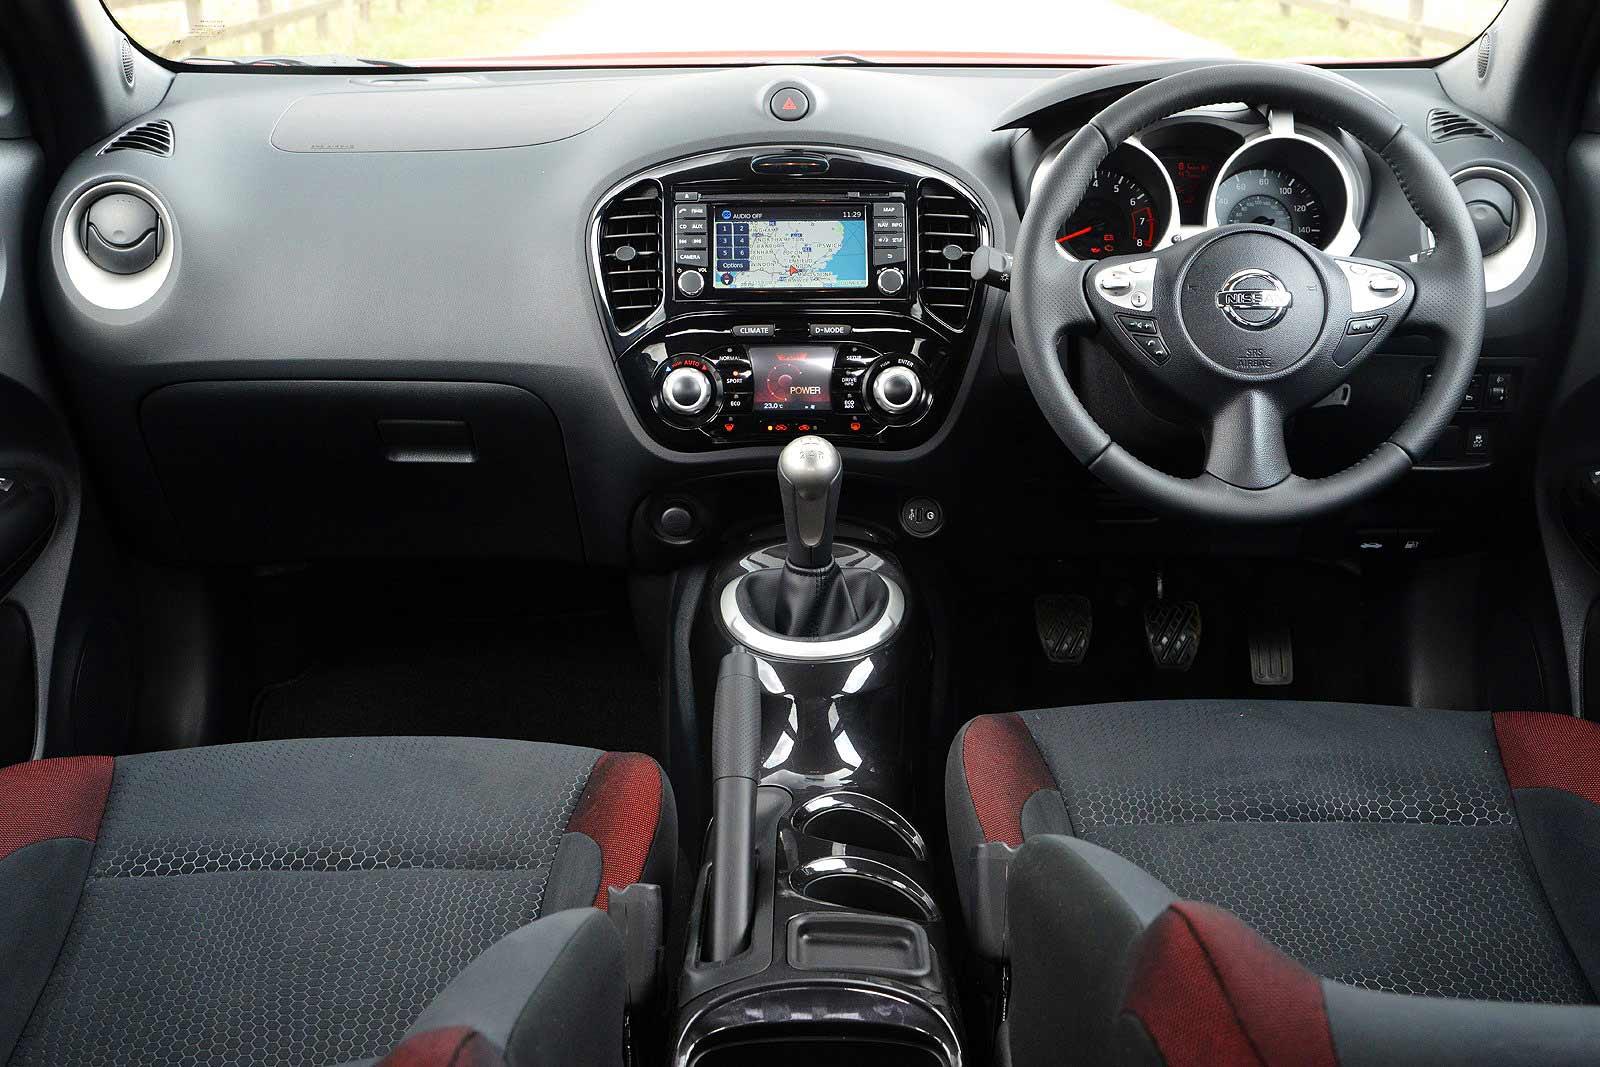 nissan juke interior. nissan meluncurkan juke ntec dengan fitur canggih interior